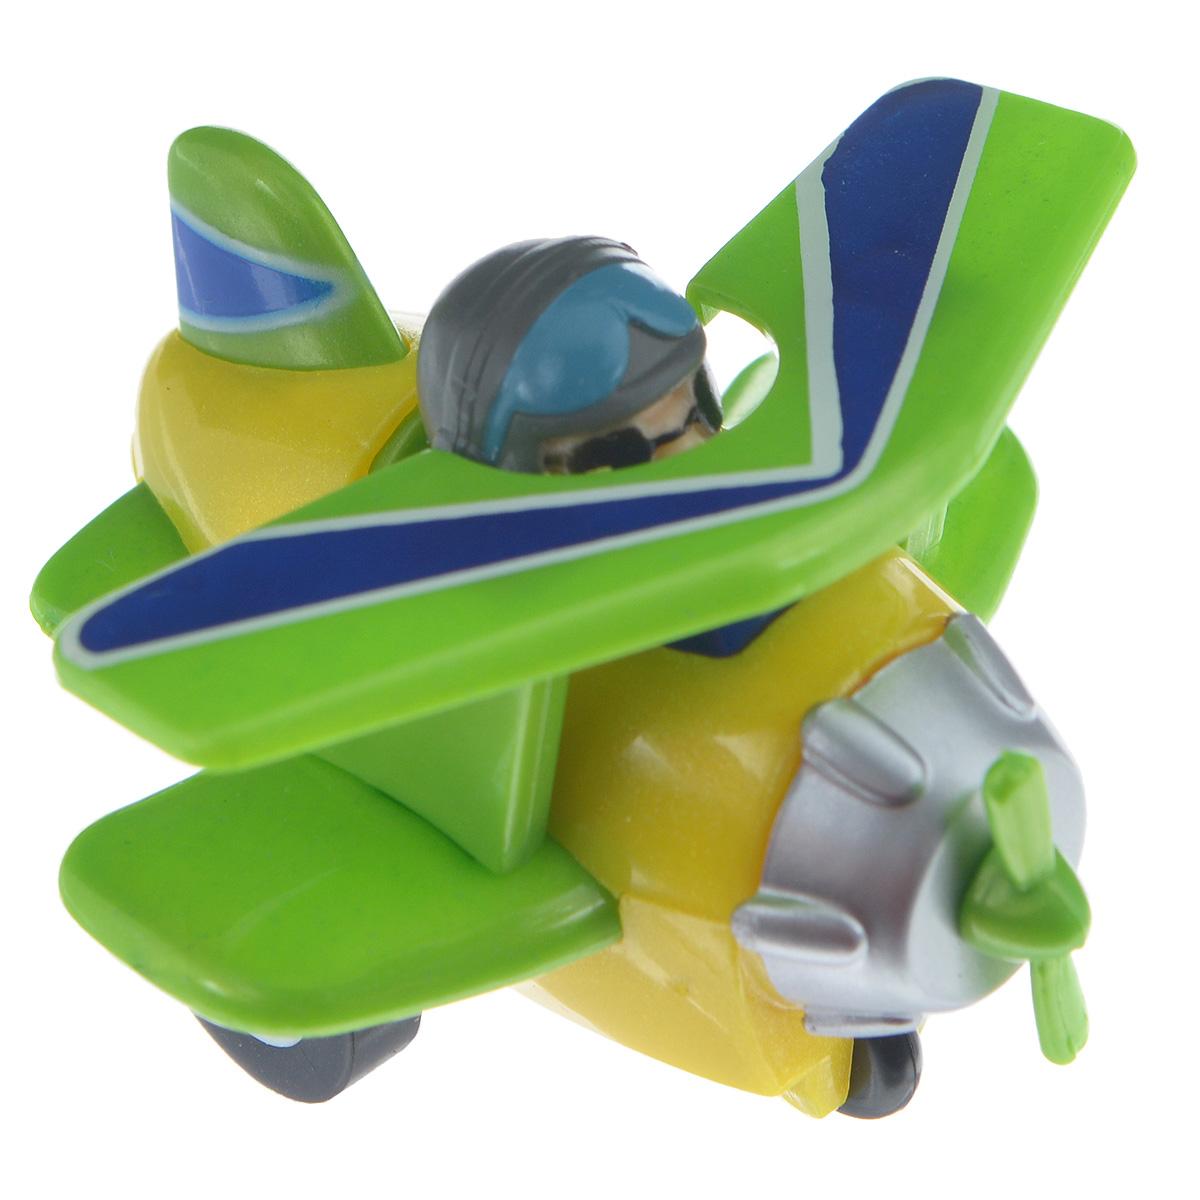 Hans Самолет инерционный цвет желтый зеленый инерционный самолет джером супер крылья